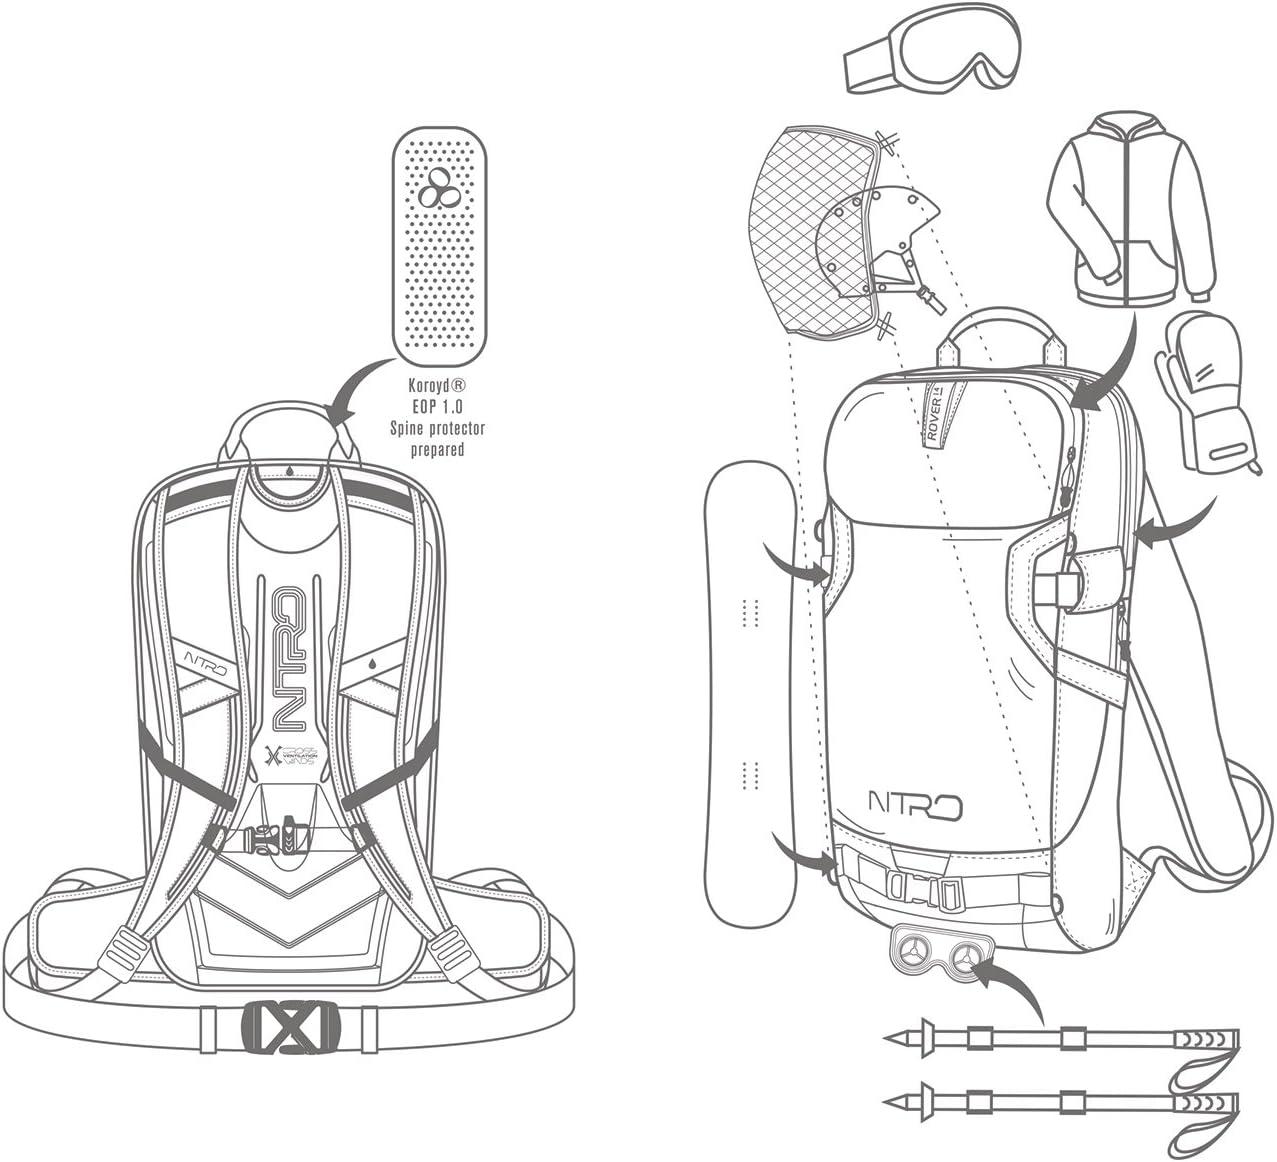 Nitro Snowboards Rover 14/Snowboard Sac /à Dos Rover 14 Mixte